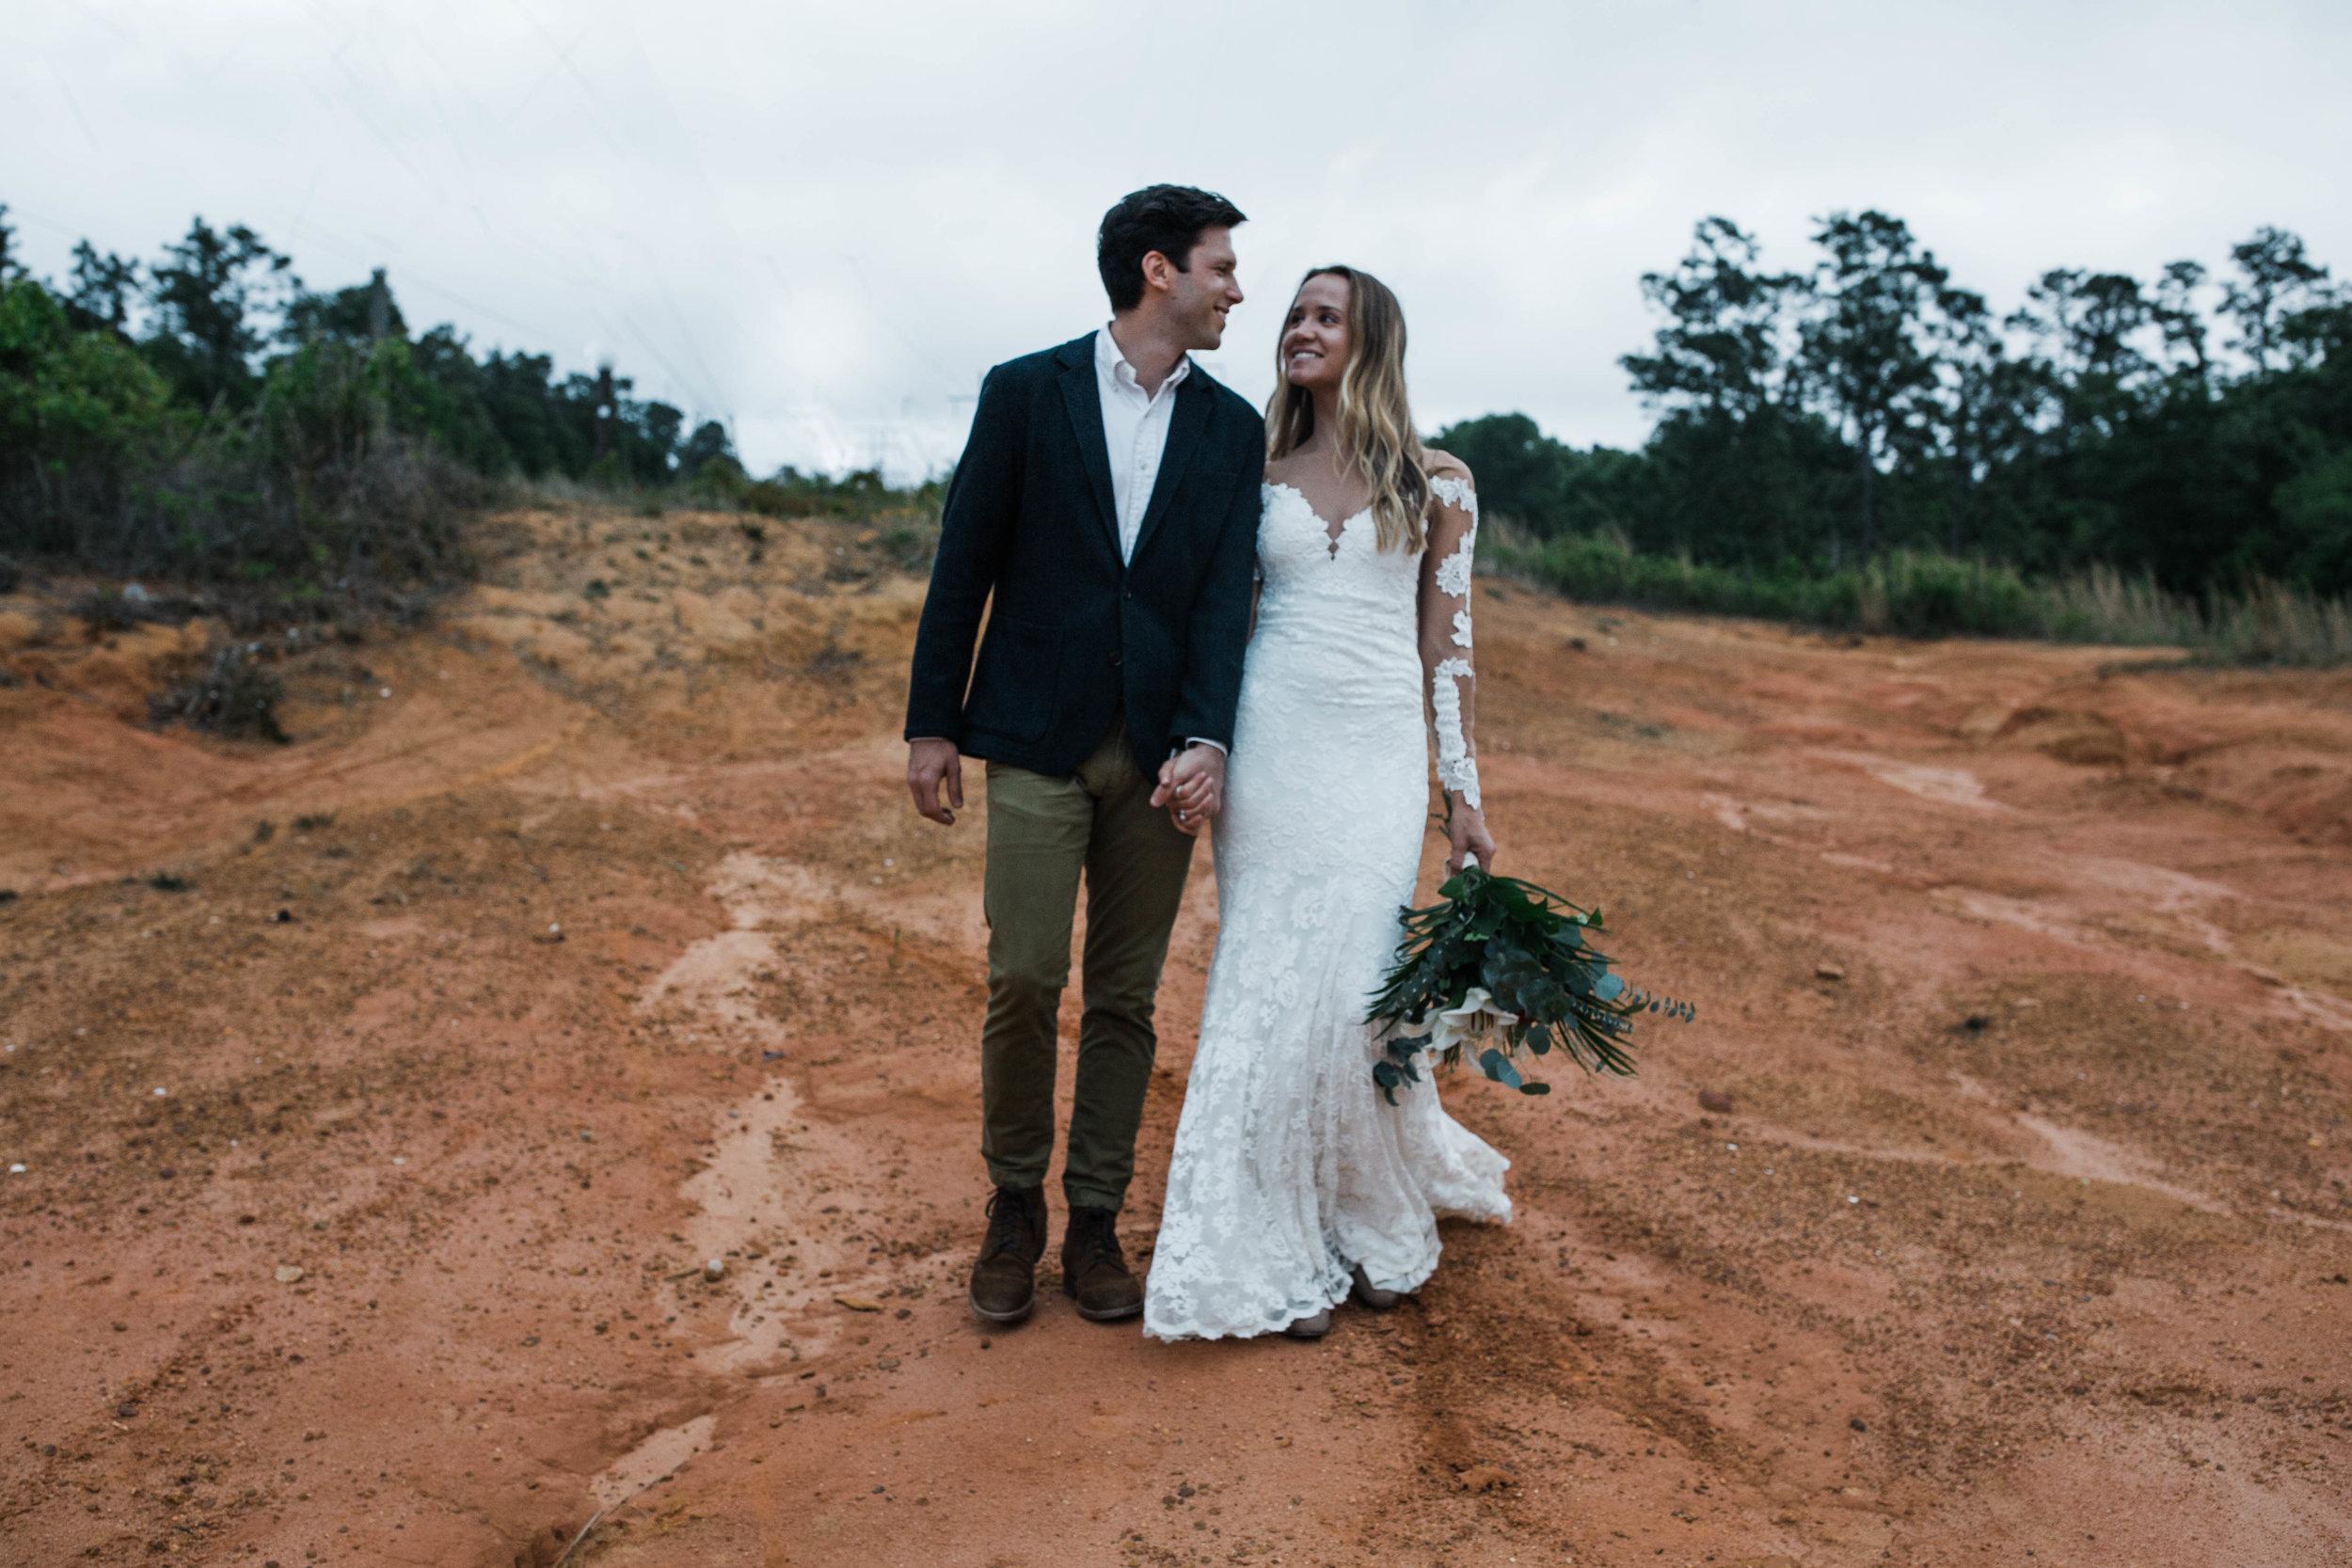 Arizona desert elopement inspried shoot